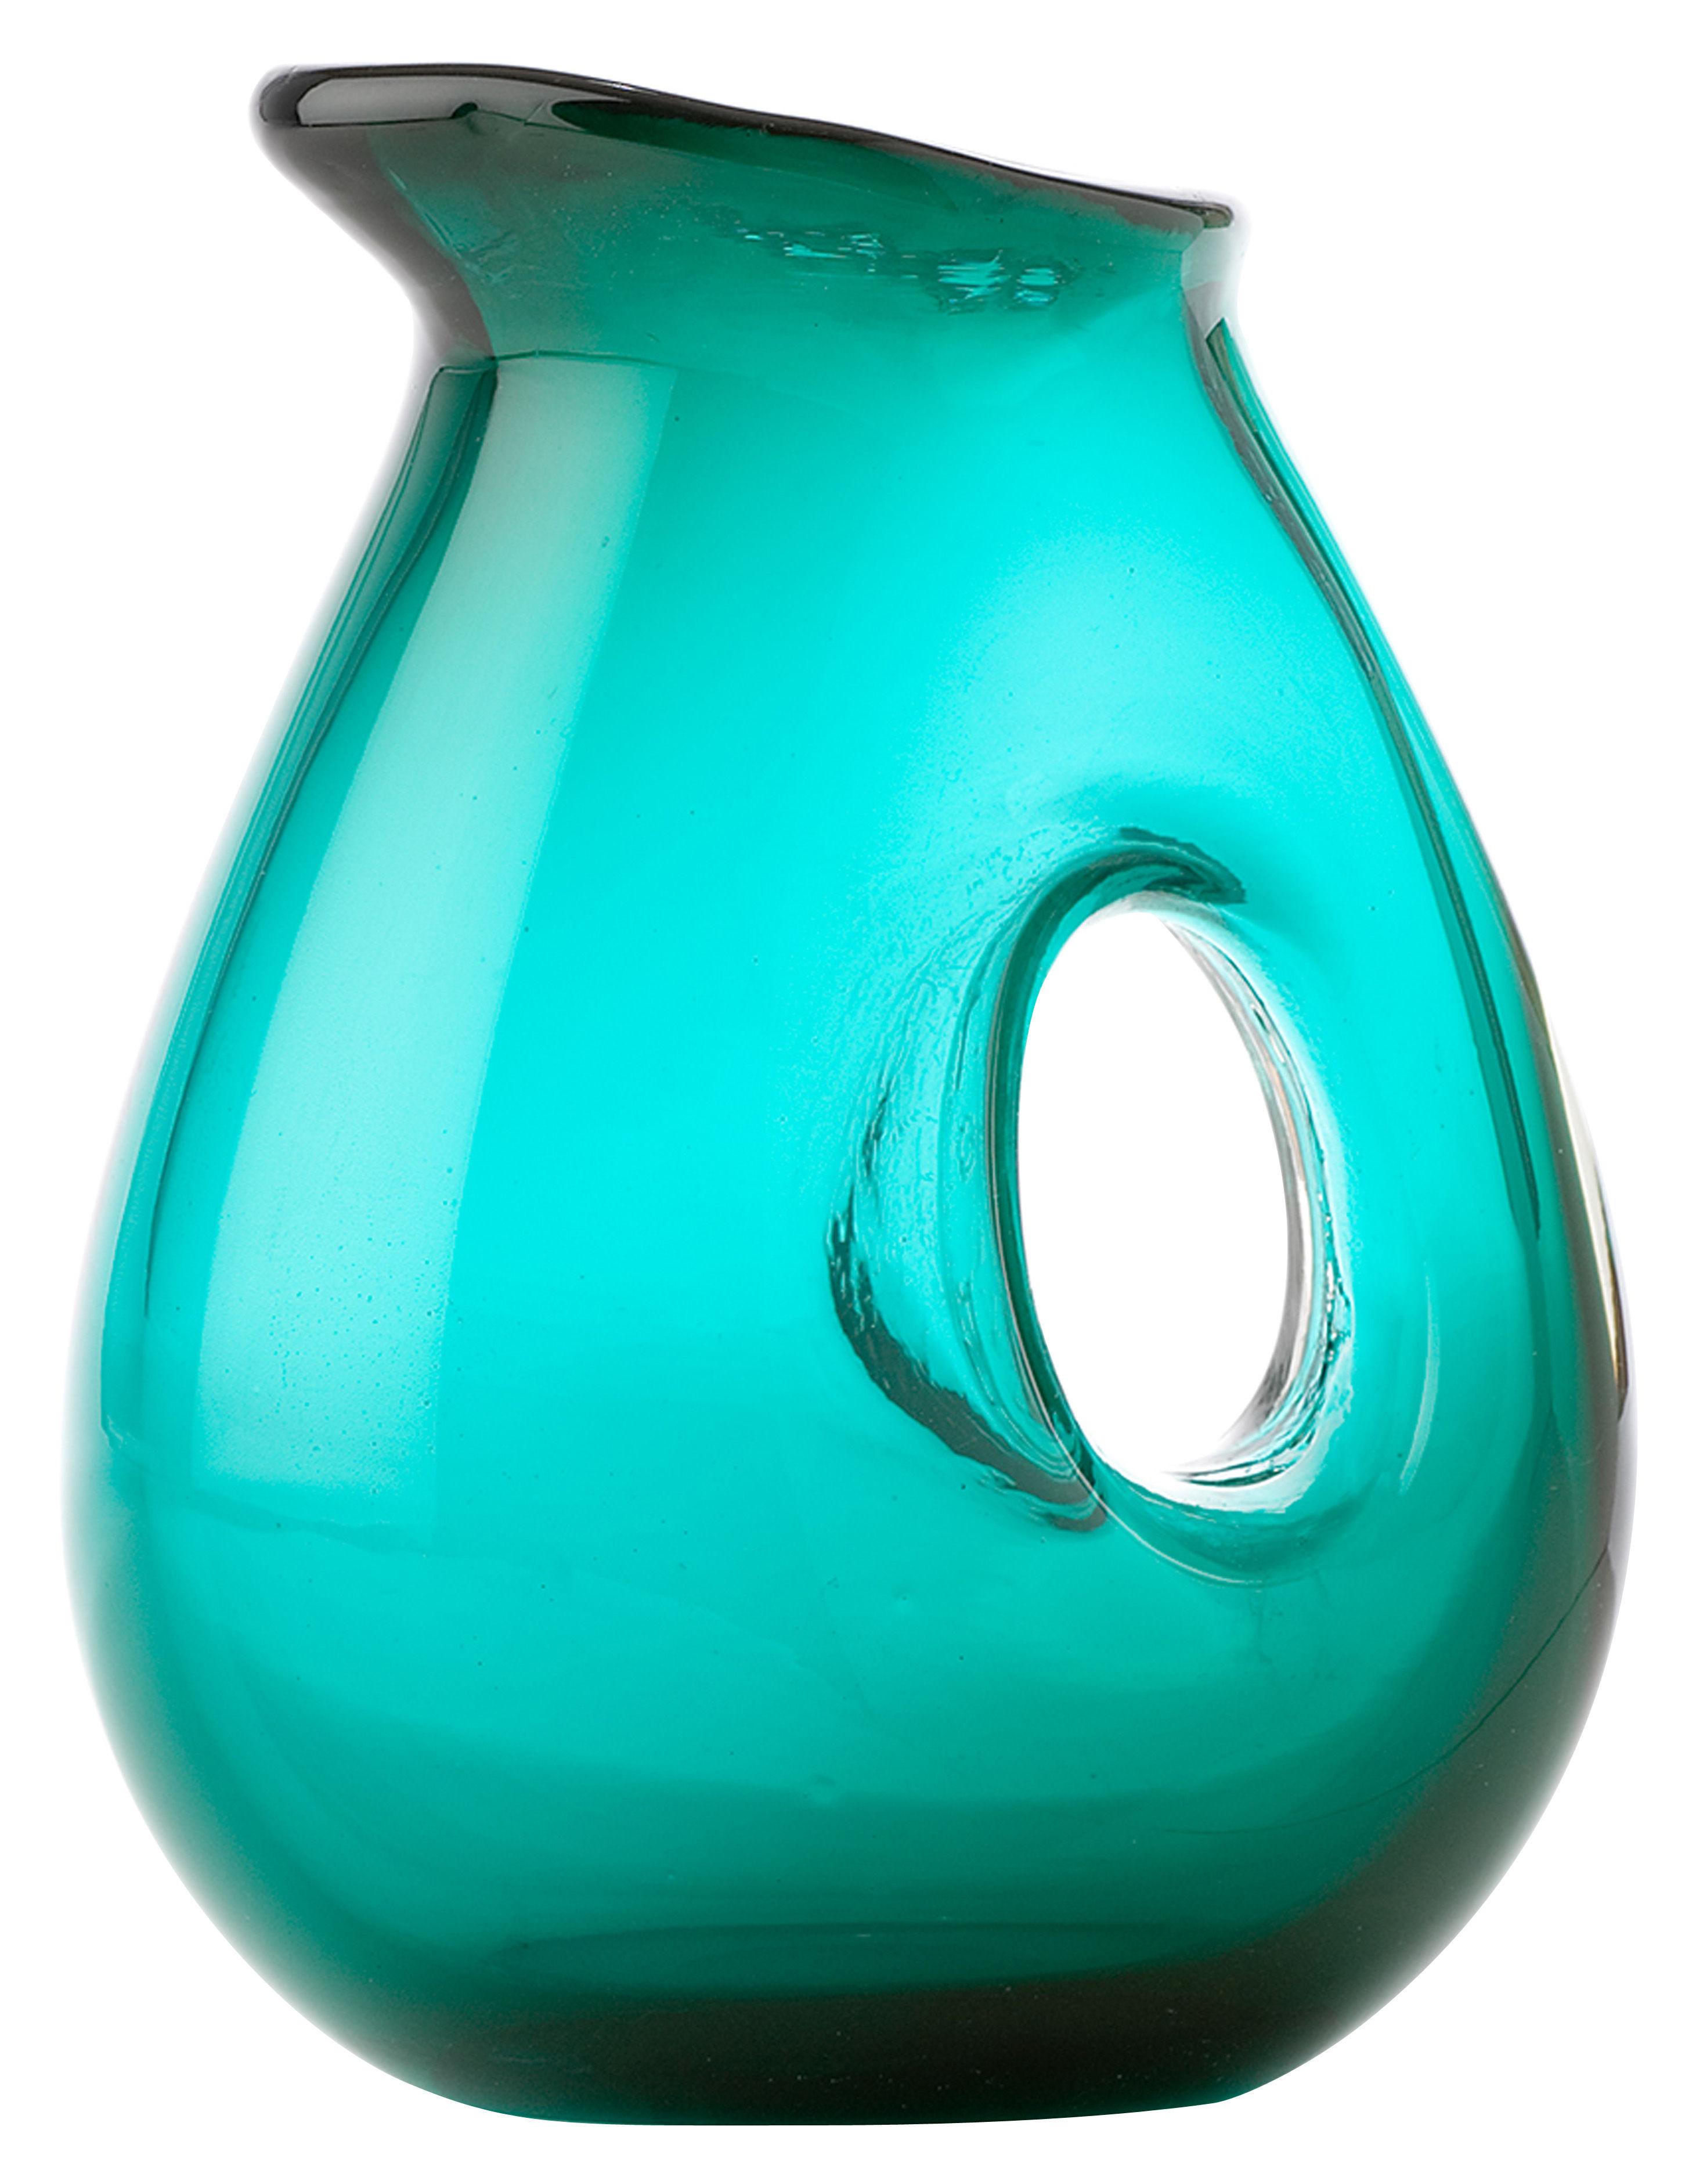 carafe jug with hole 1 litre vert d 39 eau pols potten made in design. Black Bedroom Furniture Sets. Home Design Ideas